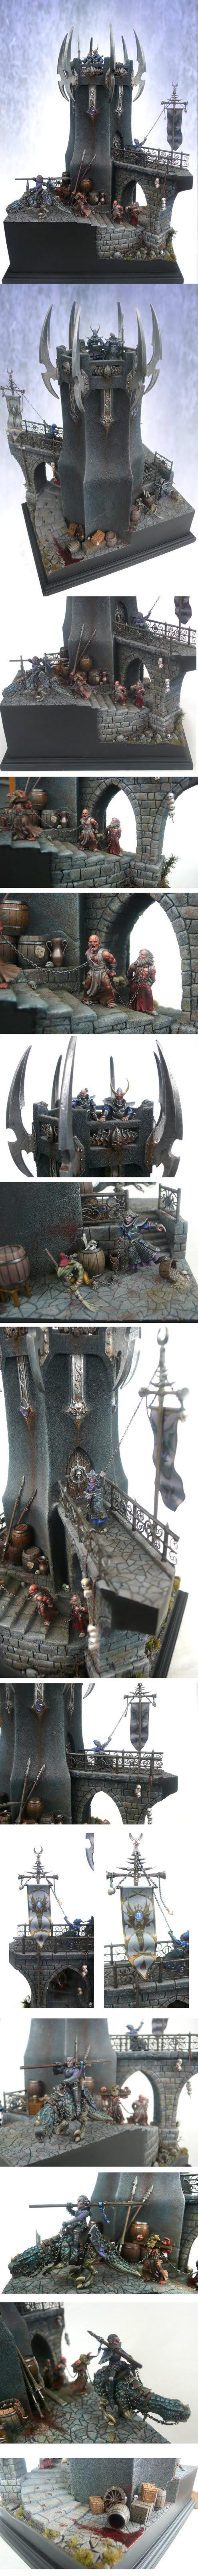 Dark elves tower